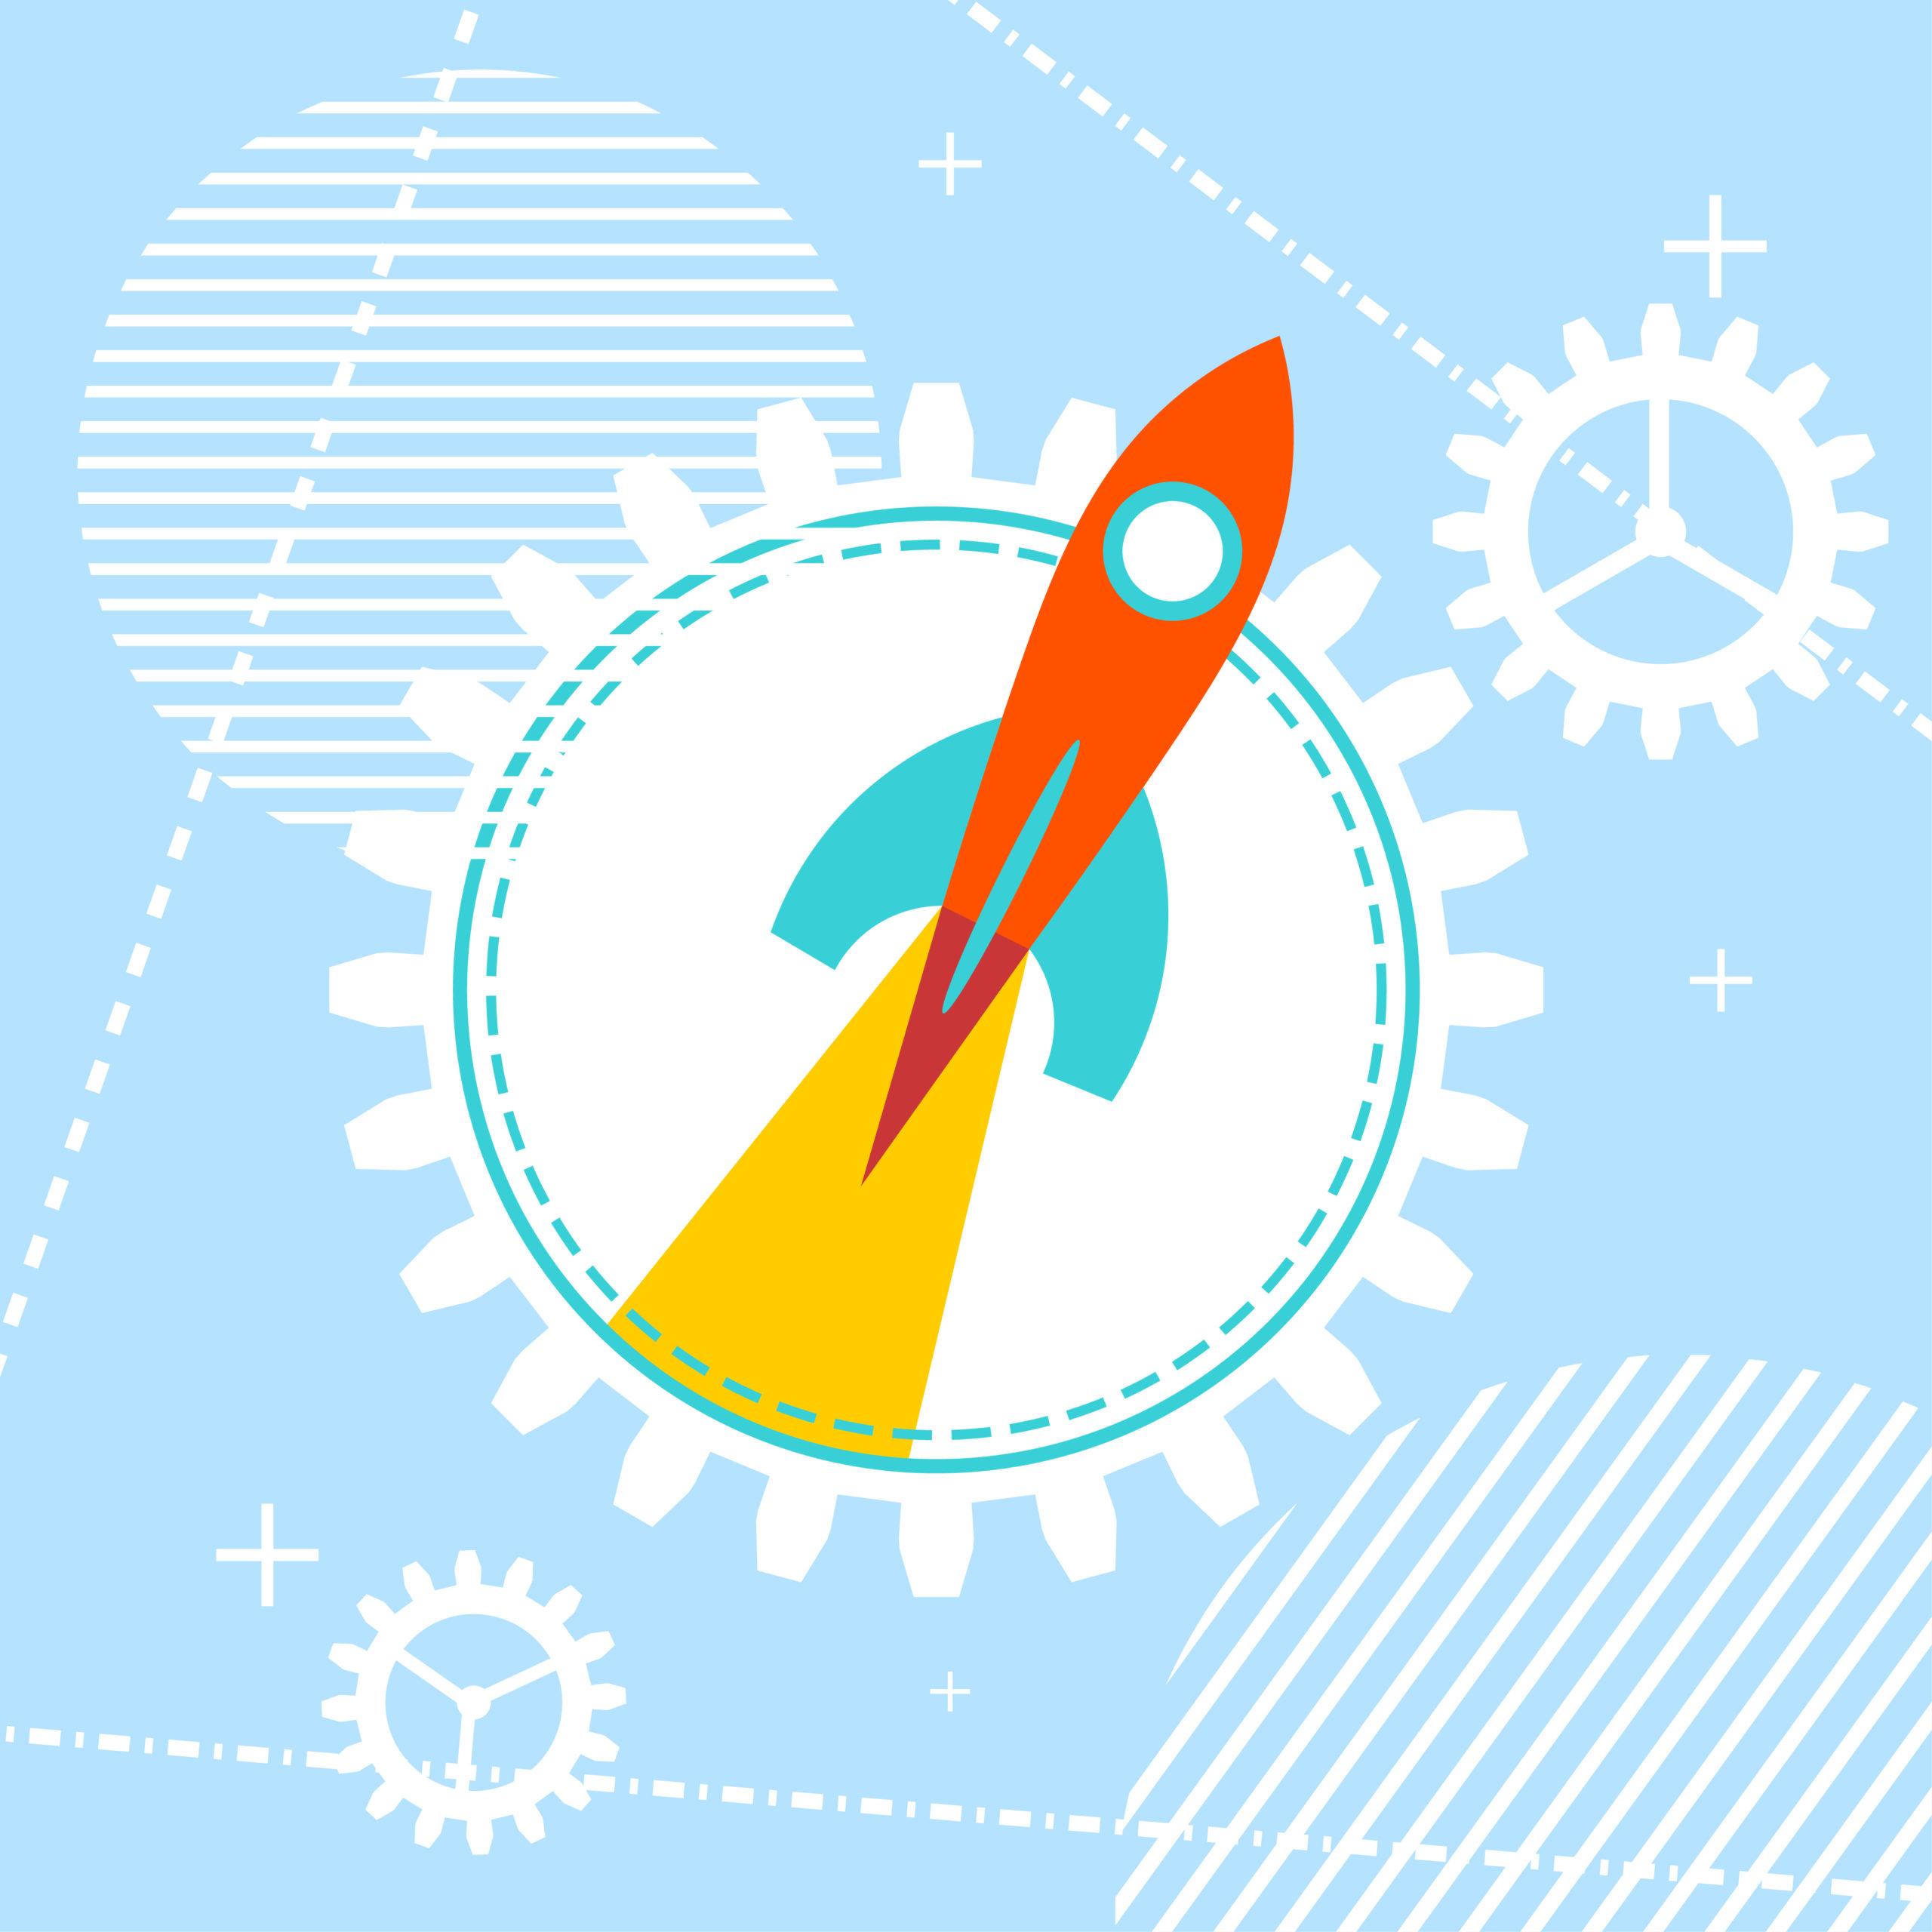 Zeichnung einer Rakete, die abhebt